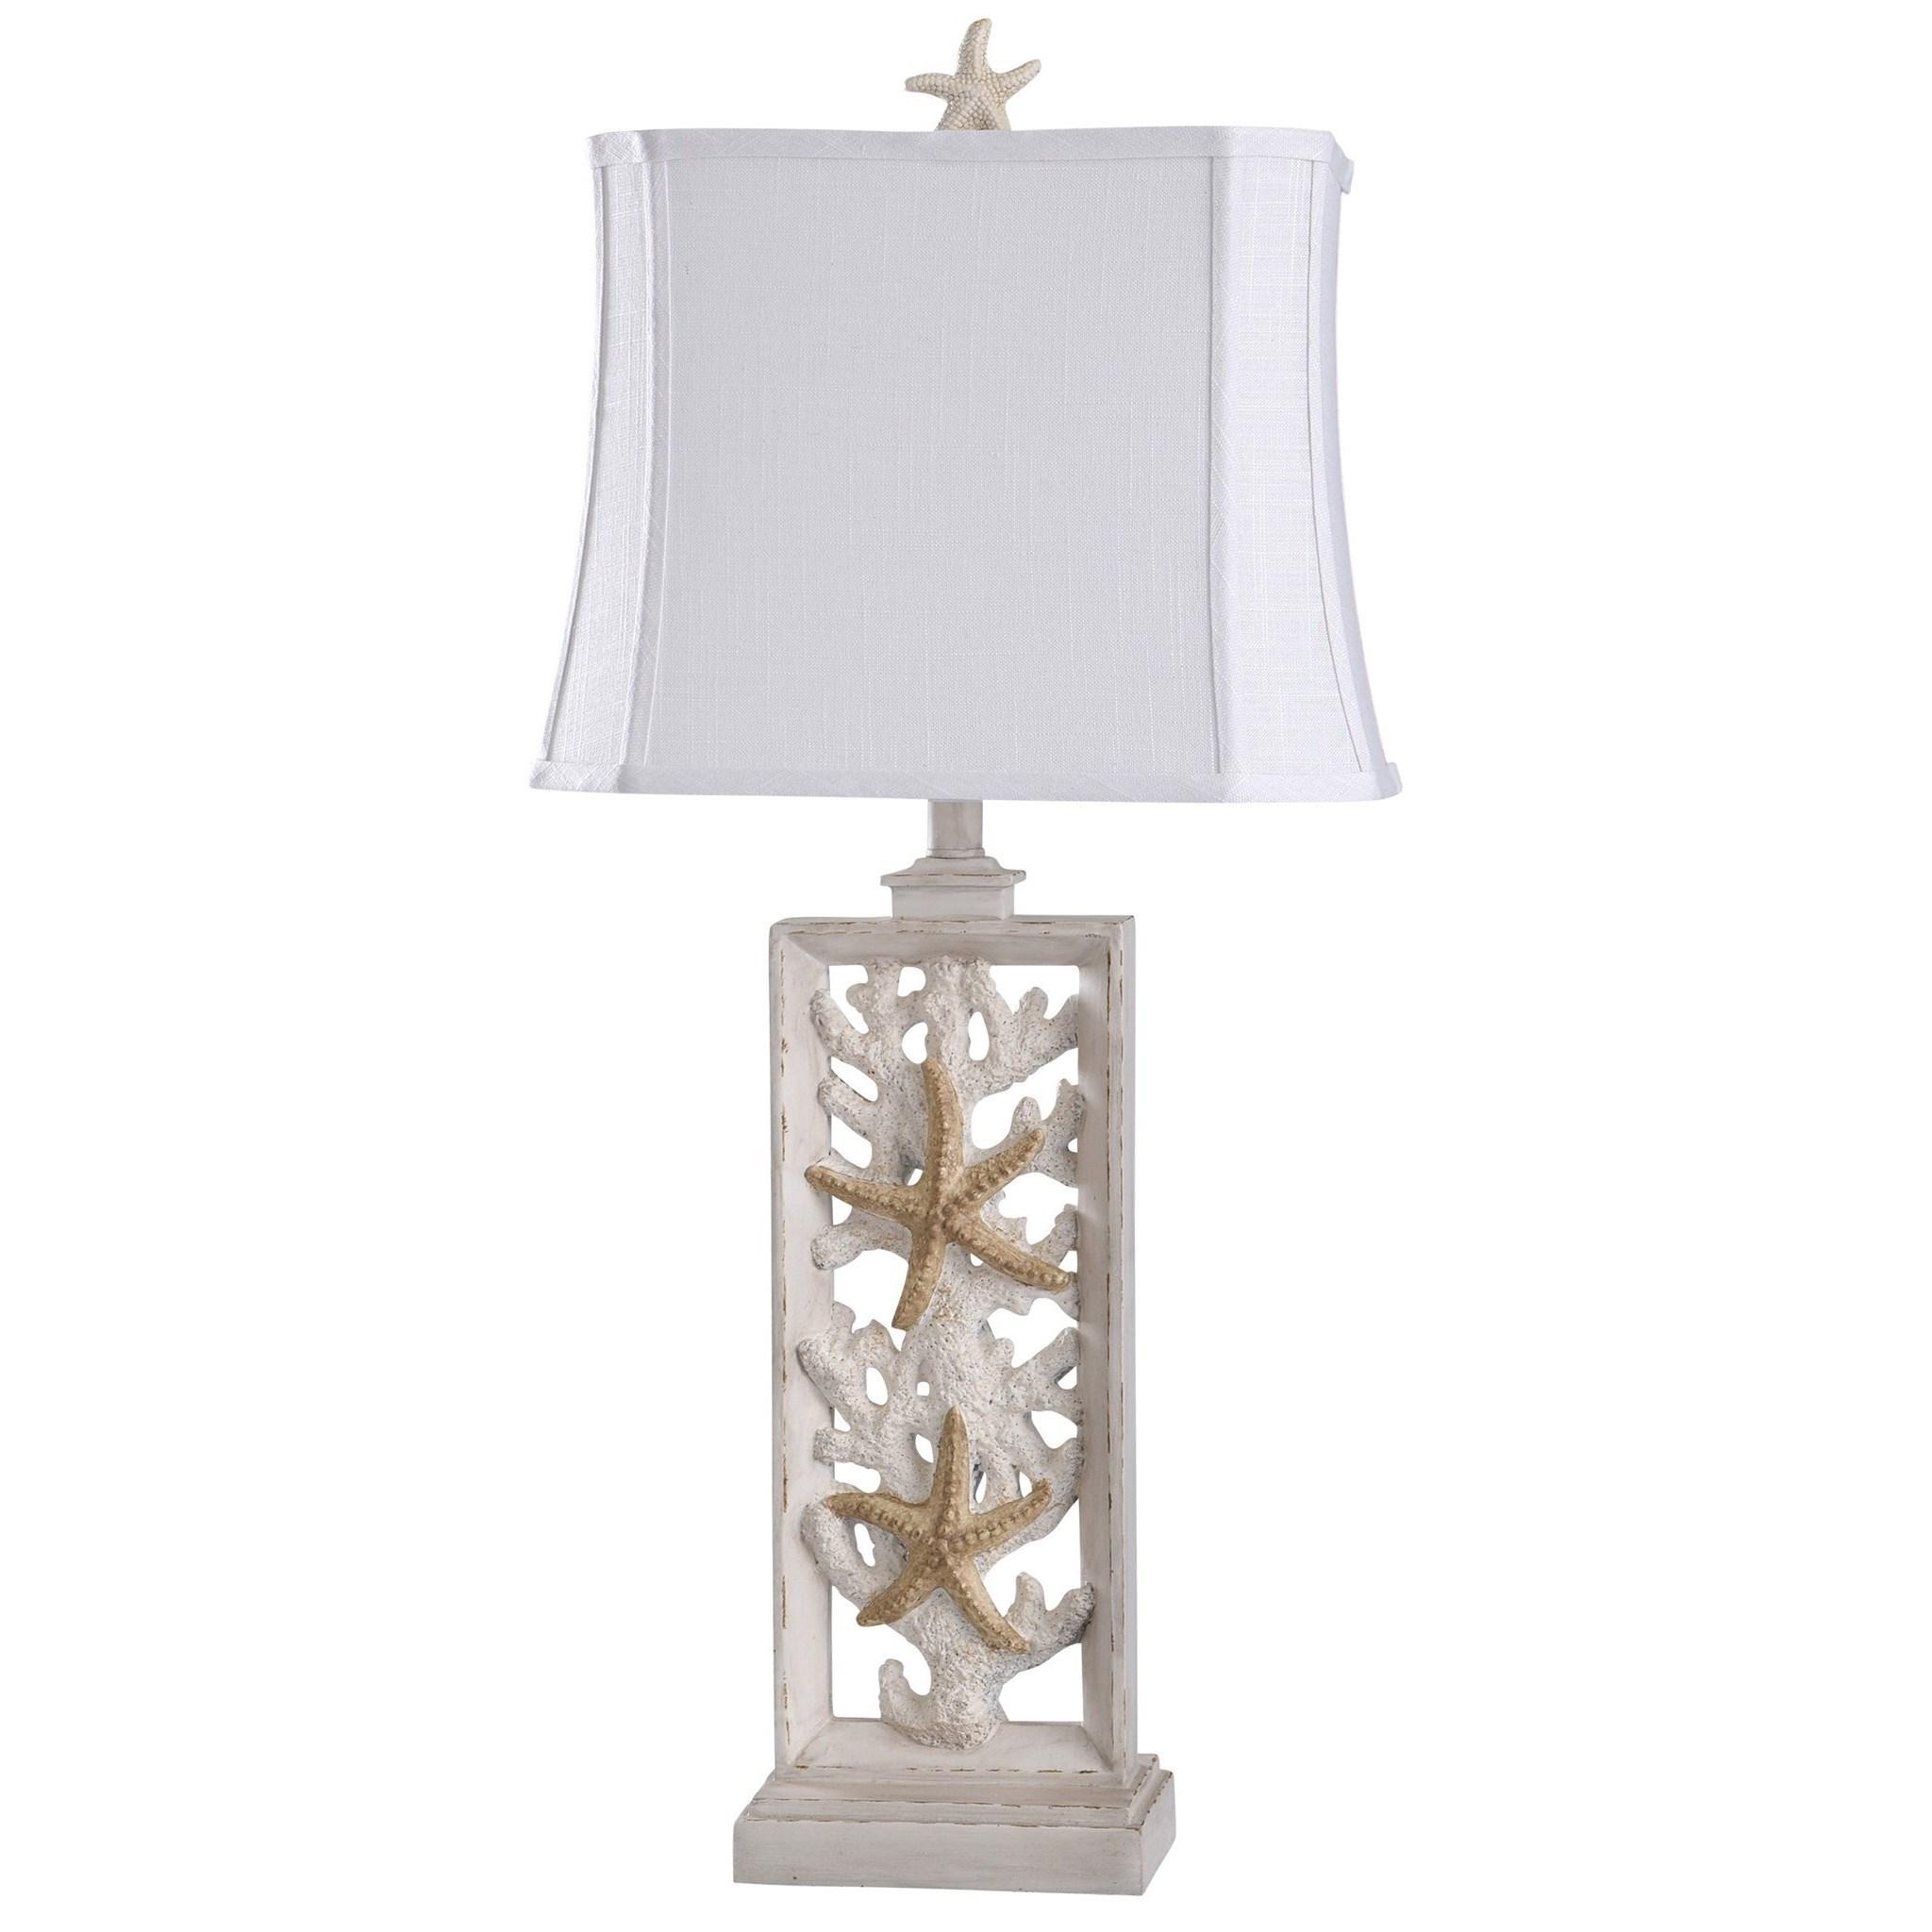 lamps south cove lamp